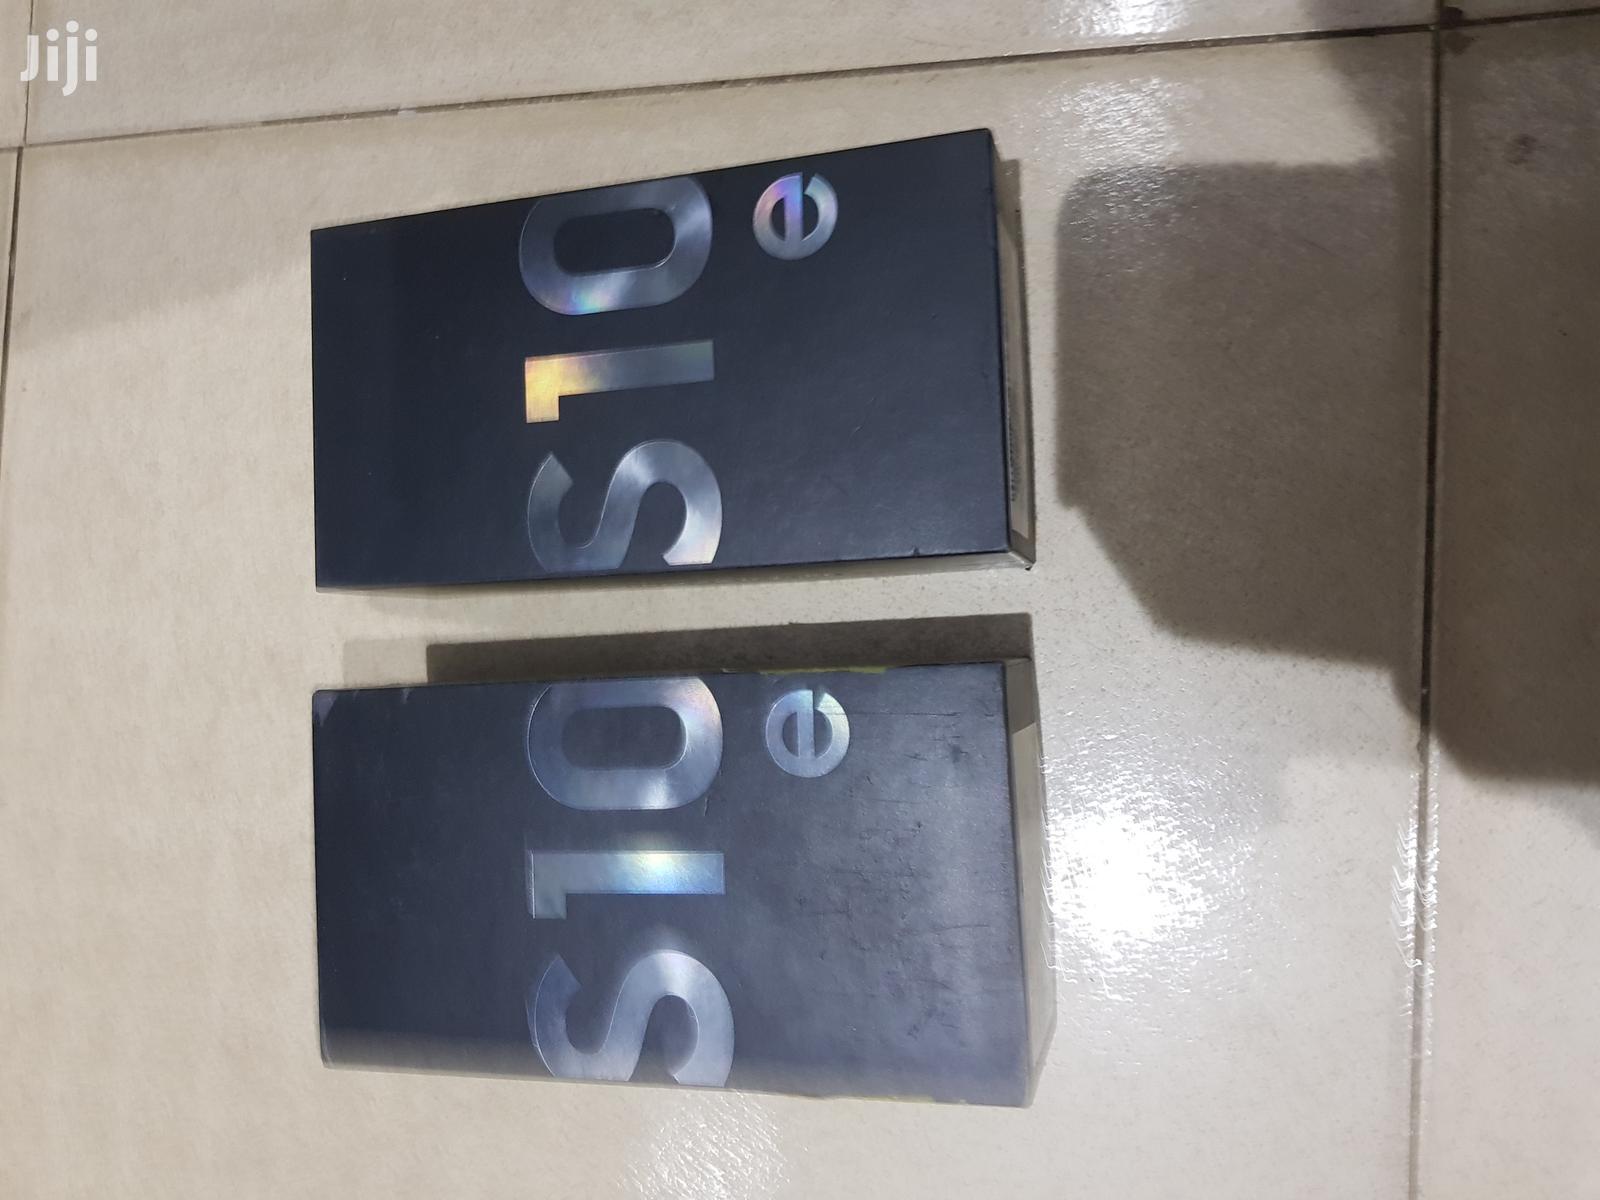 New Samsung Galaxy S10e 128 GB Black